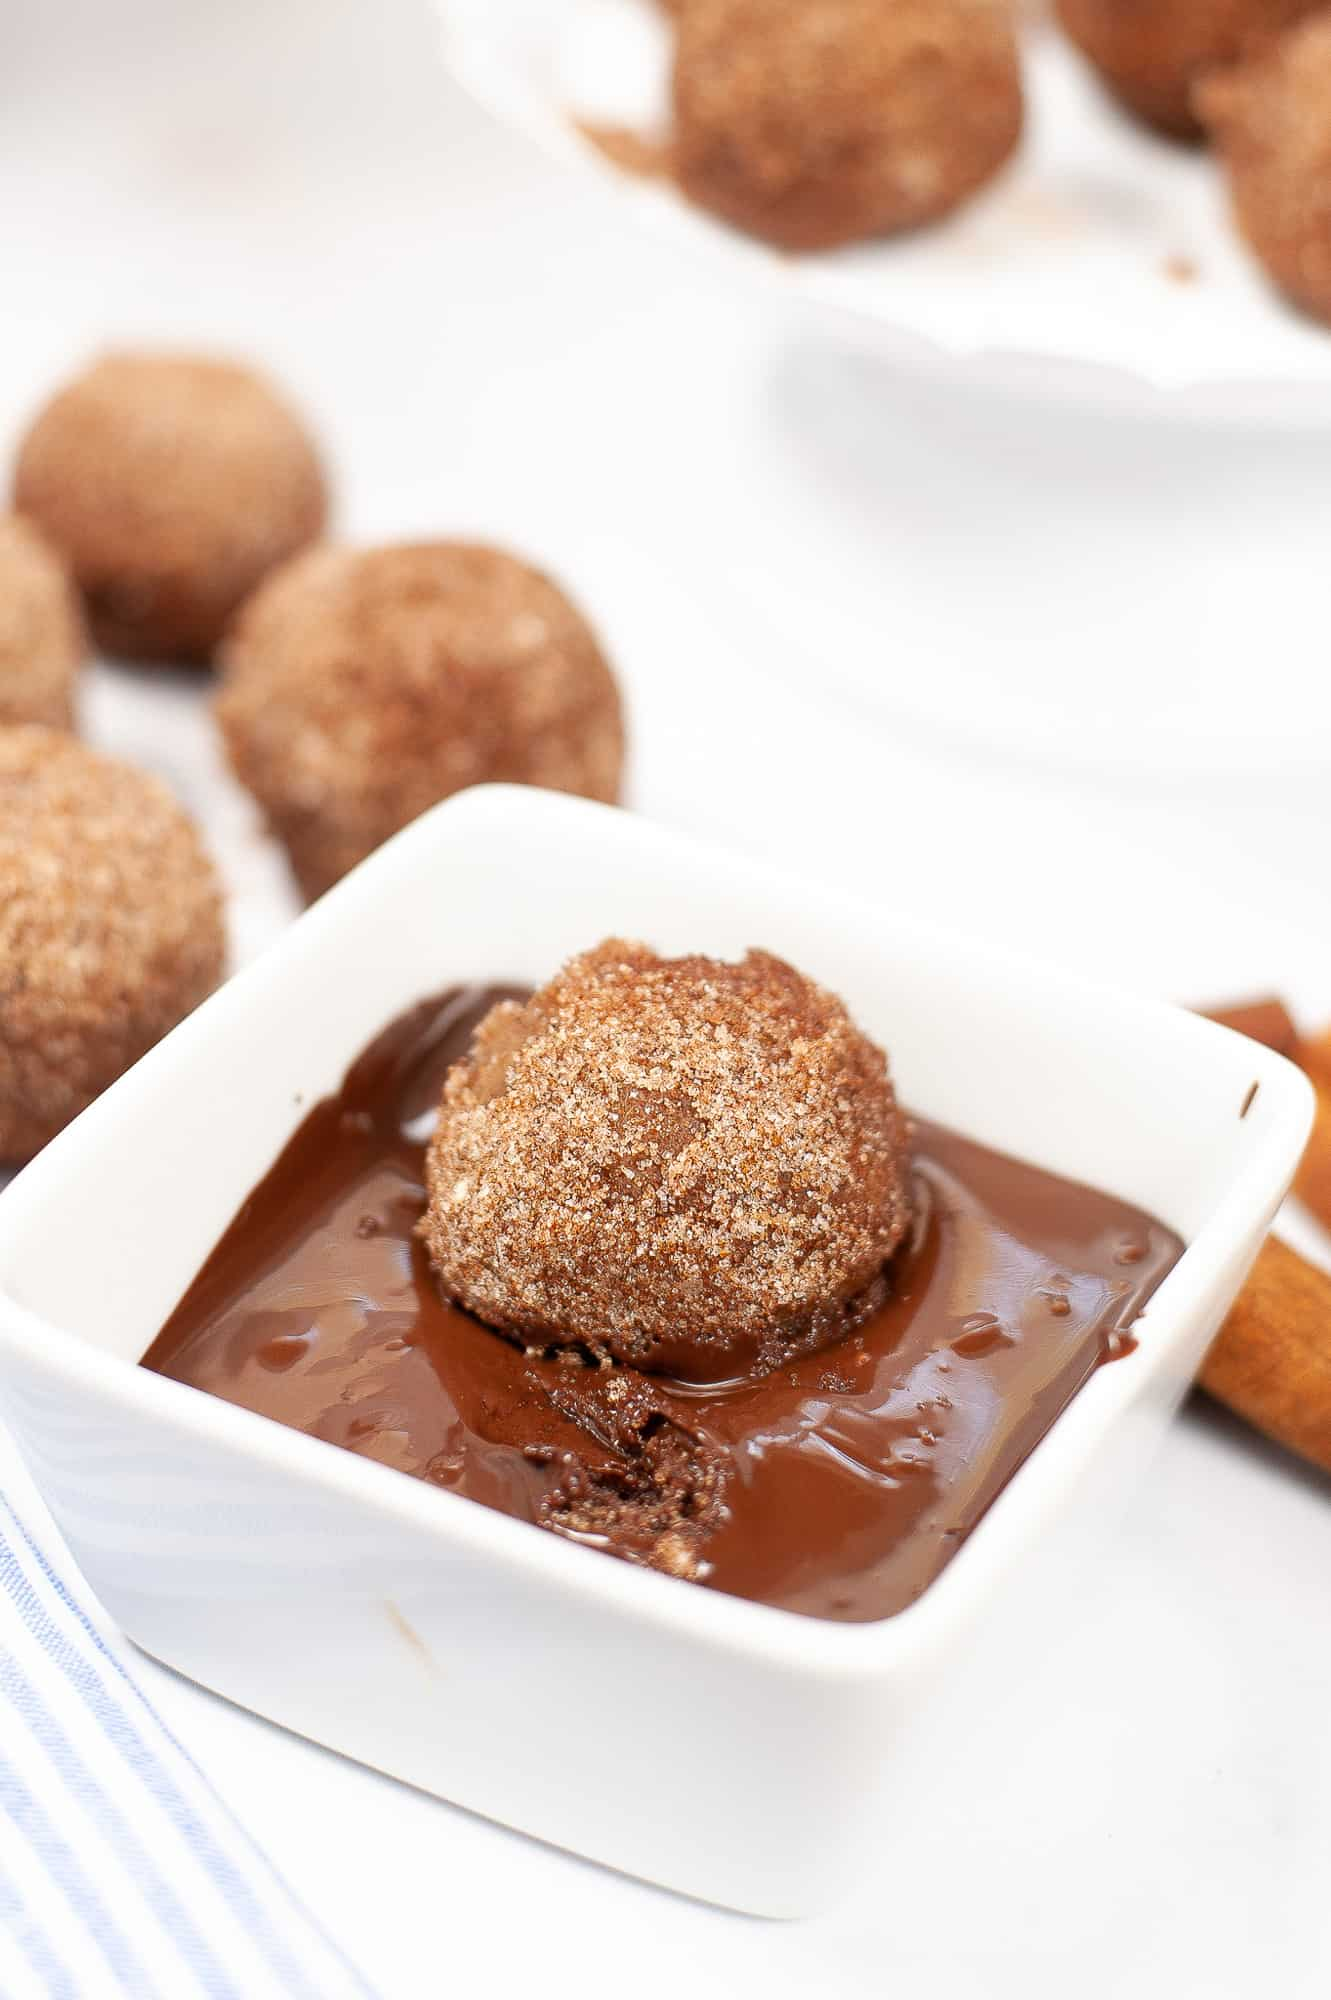 churro bite in chocolate